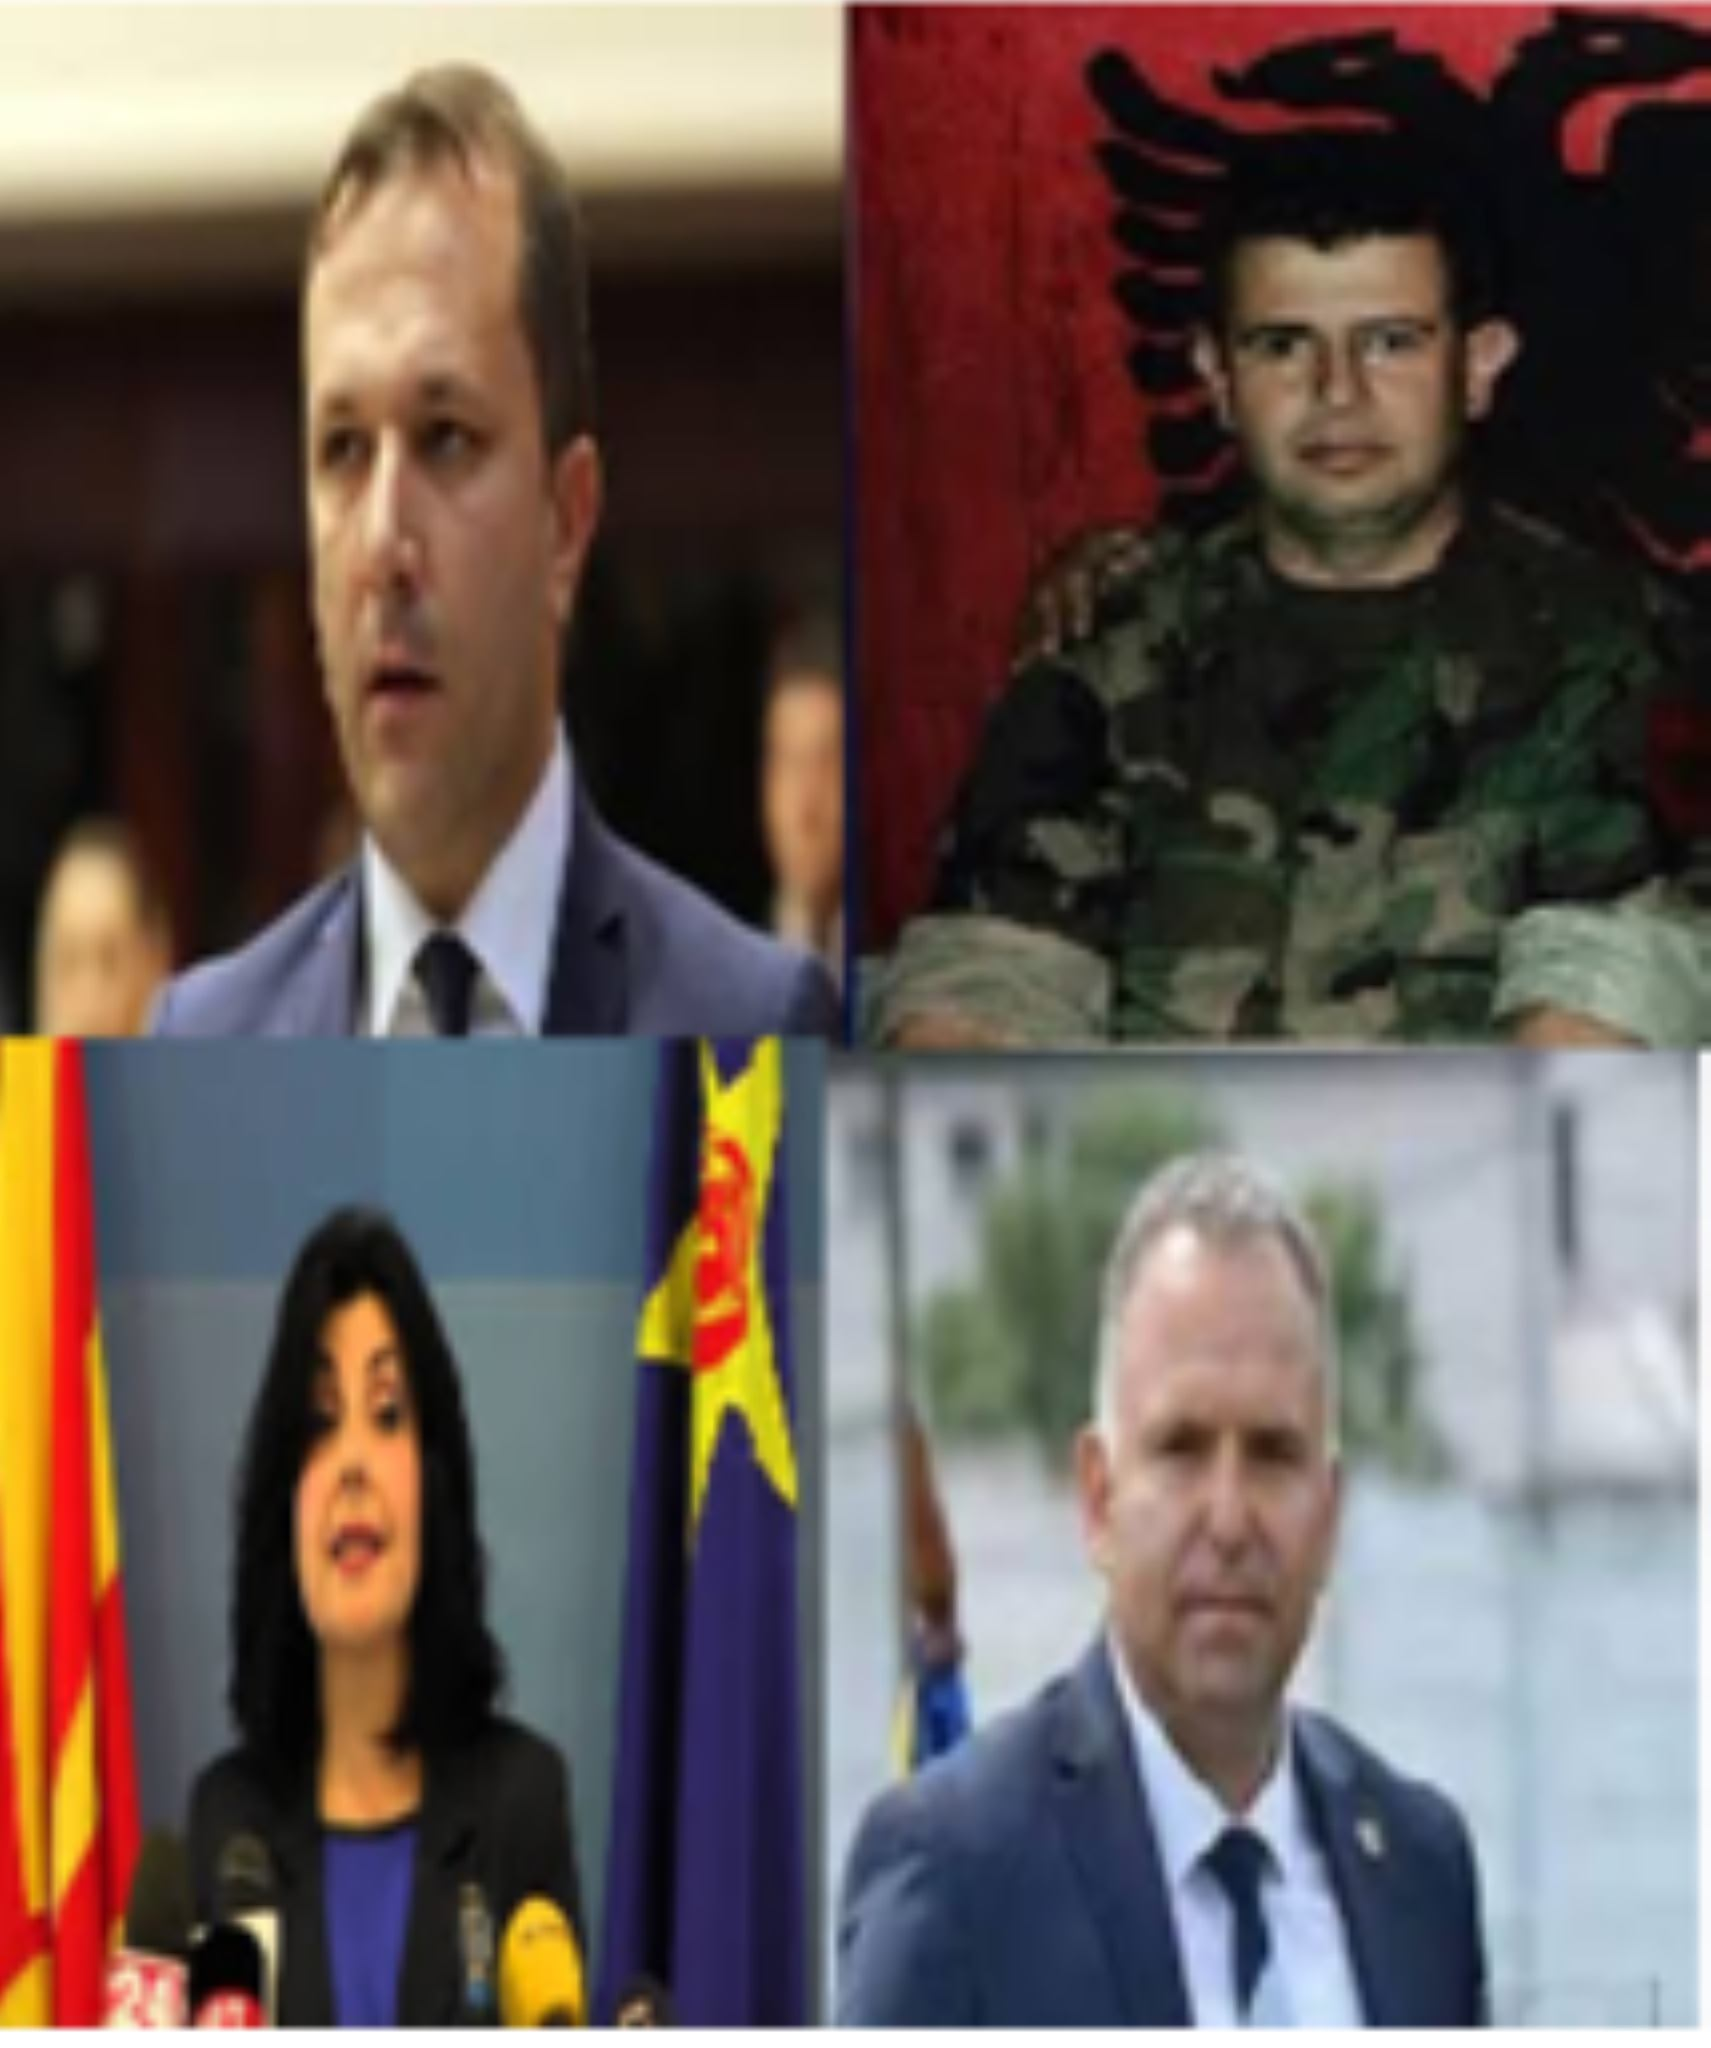 Единствена Македонија: Продолжуваат привилегиите на Спасовски  и врвот на МВР - по бесплатната храна добиваат и зголемена плата од 30 отсто